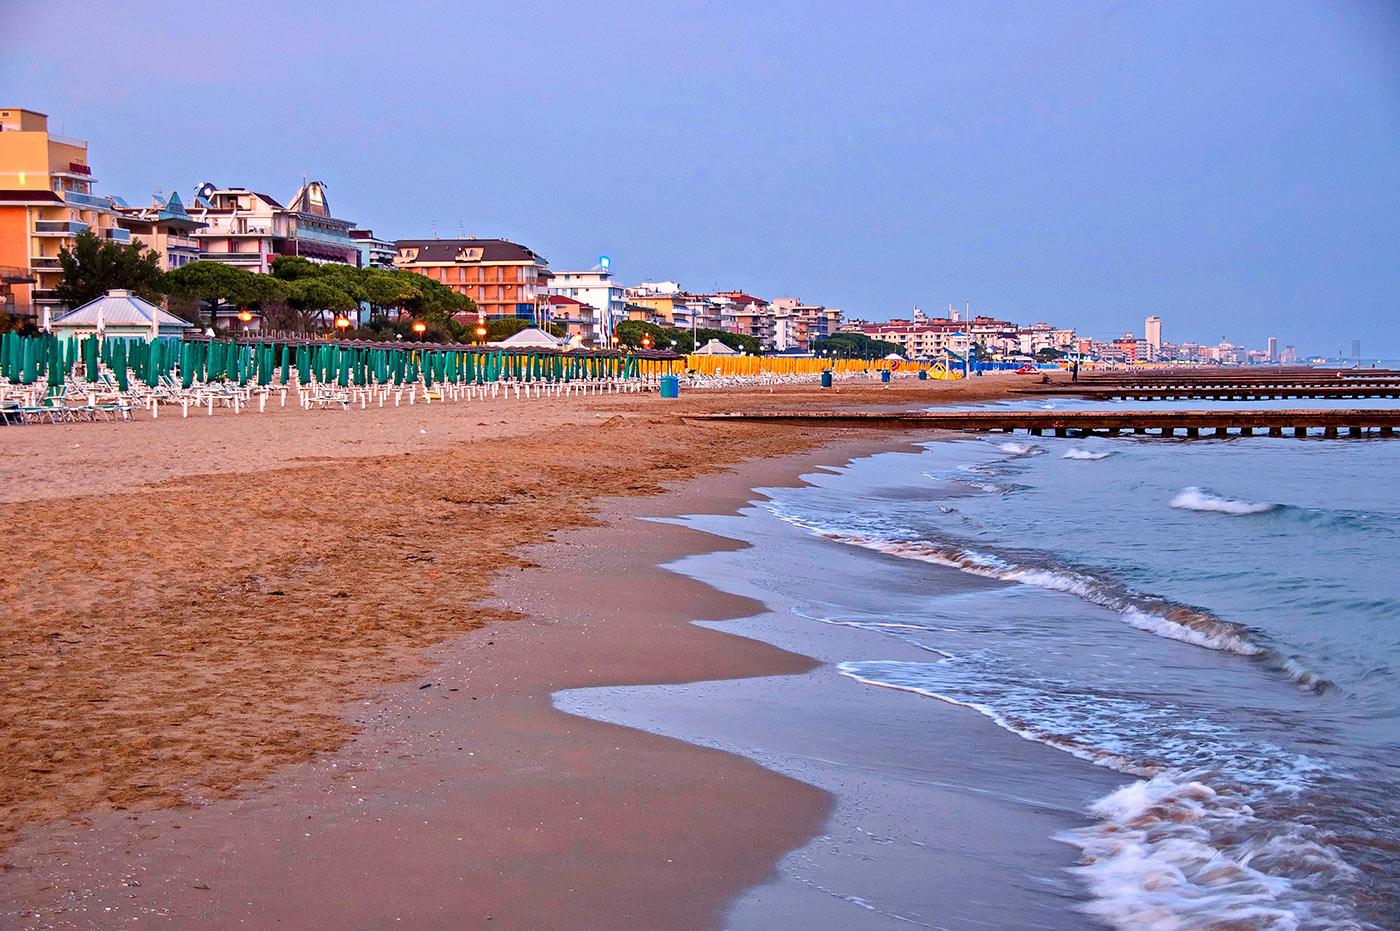 Big lido di jesolo adriatic sea italy